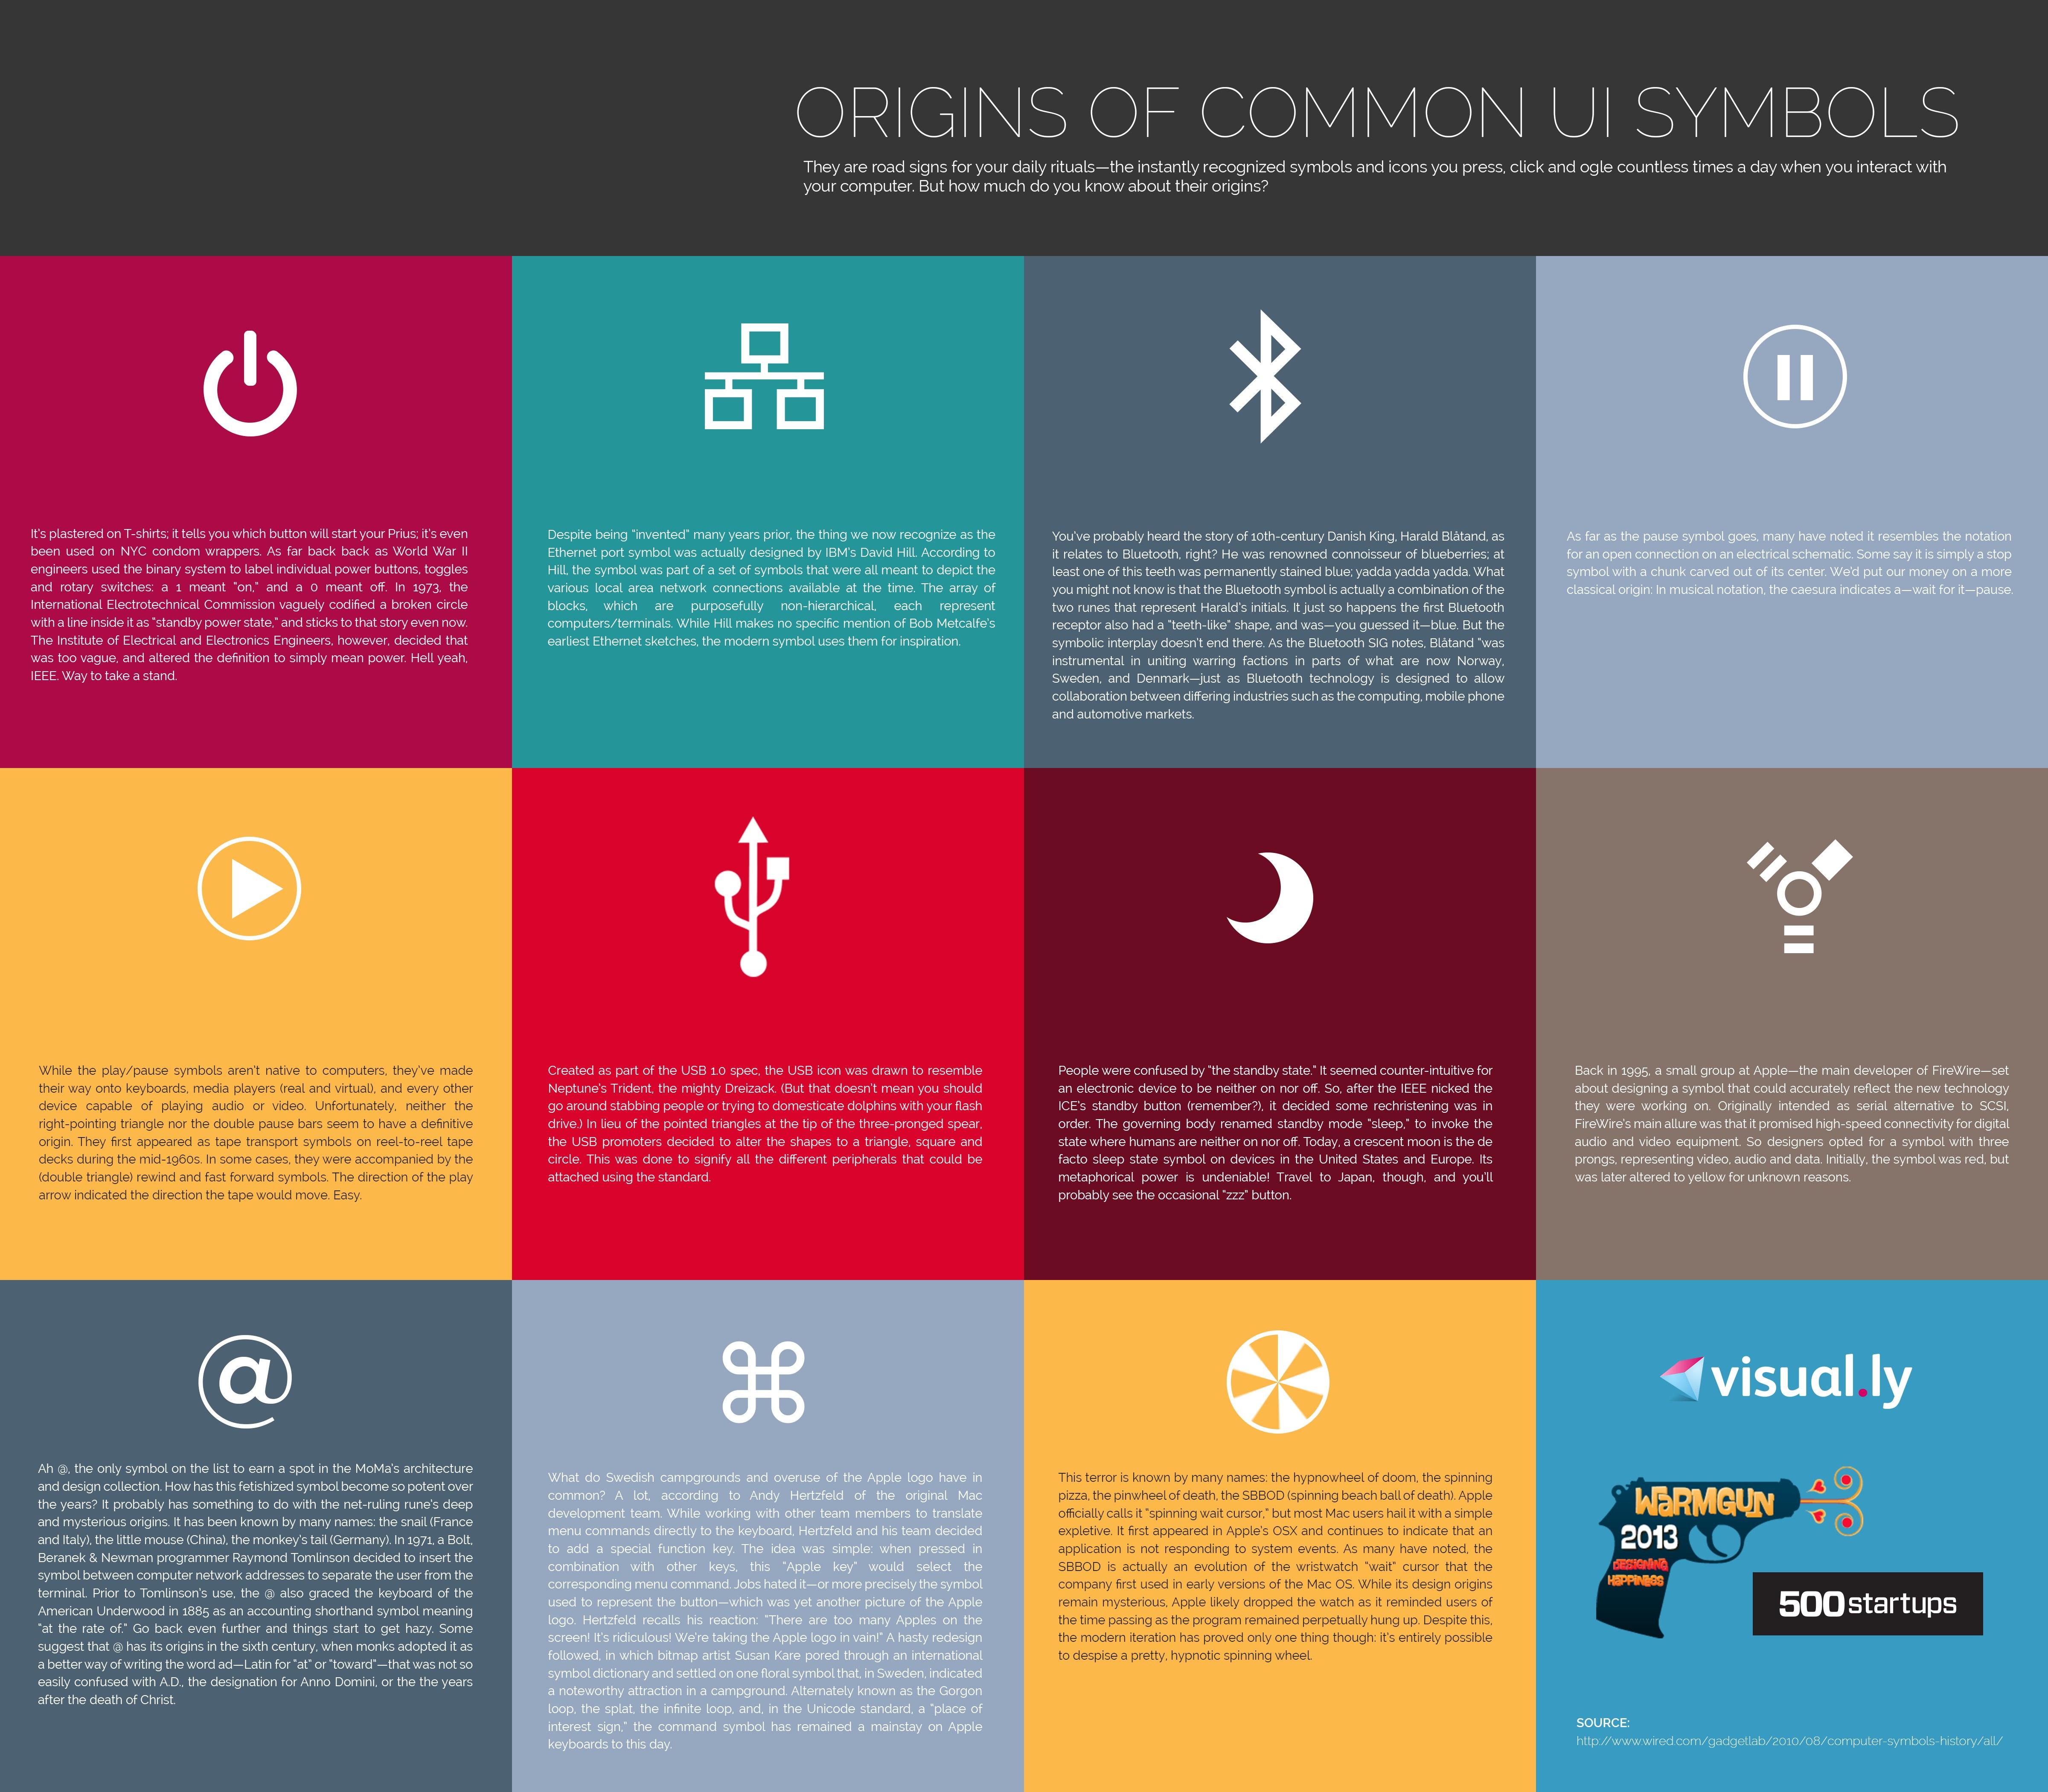 origin-symbols-large